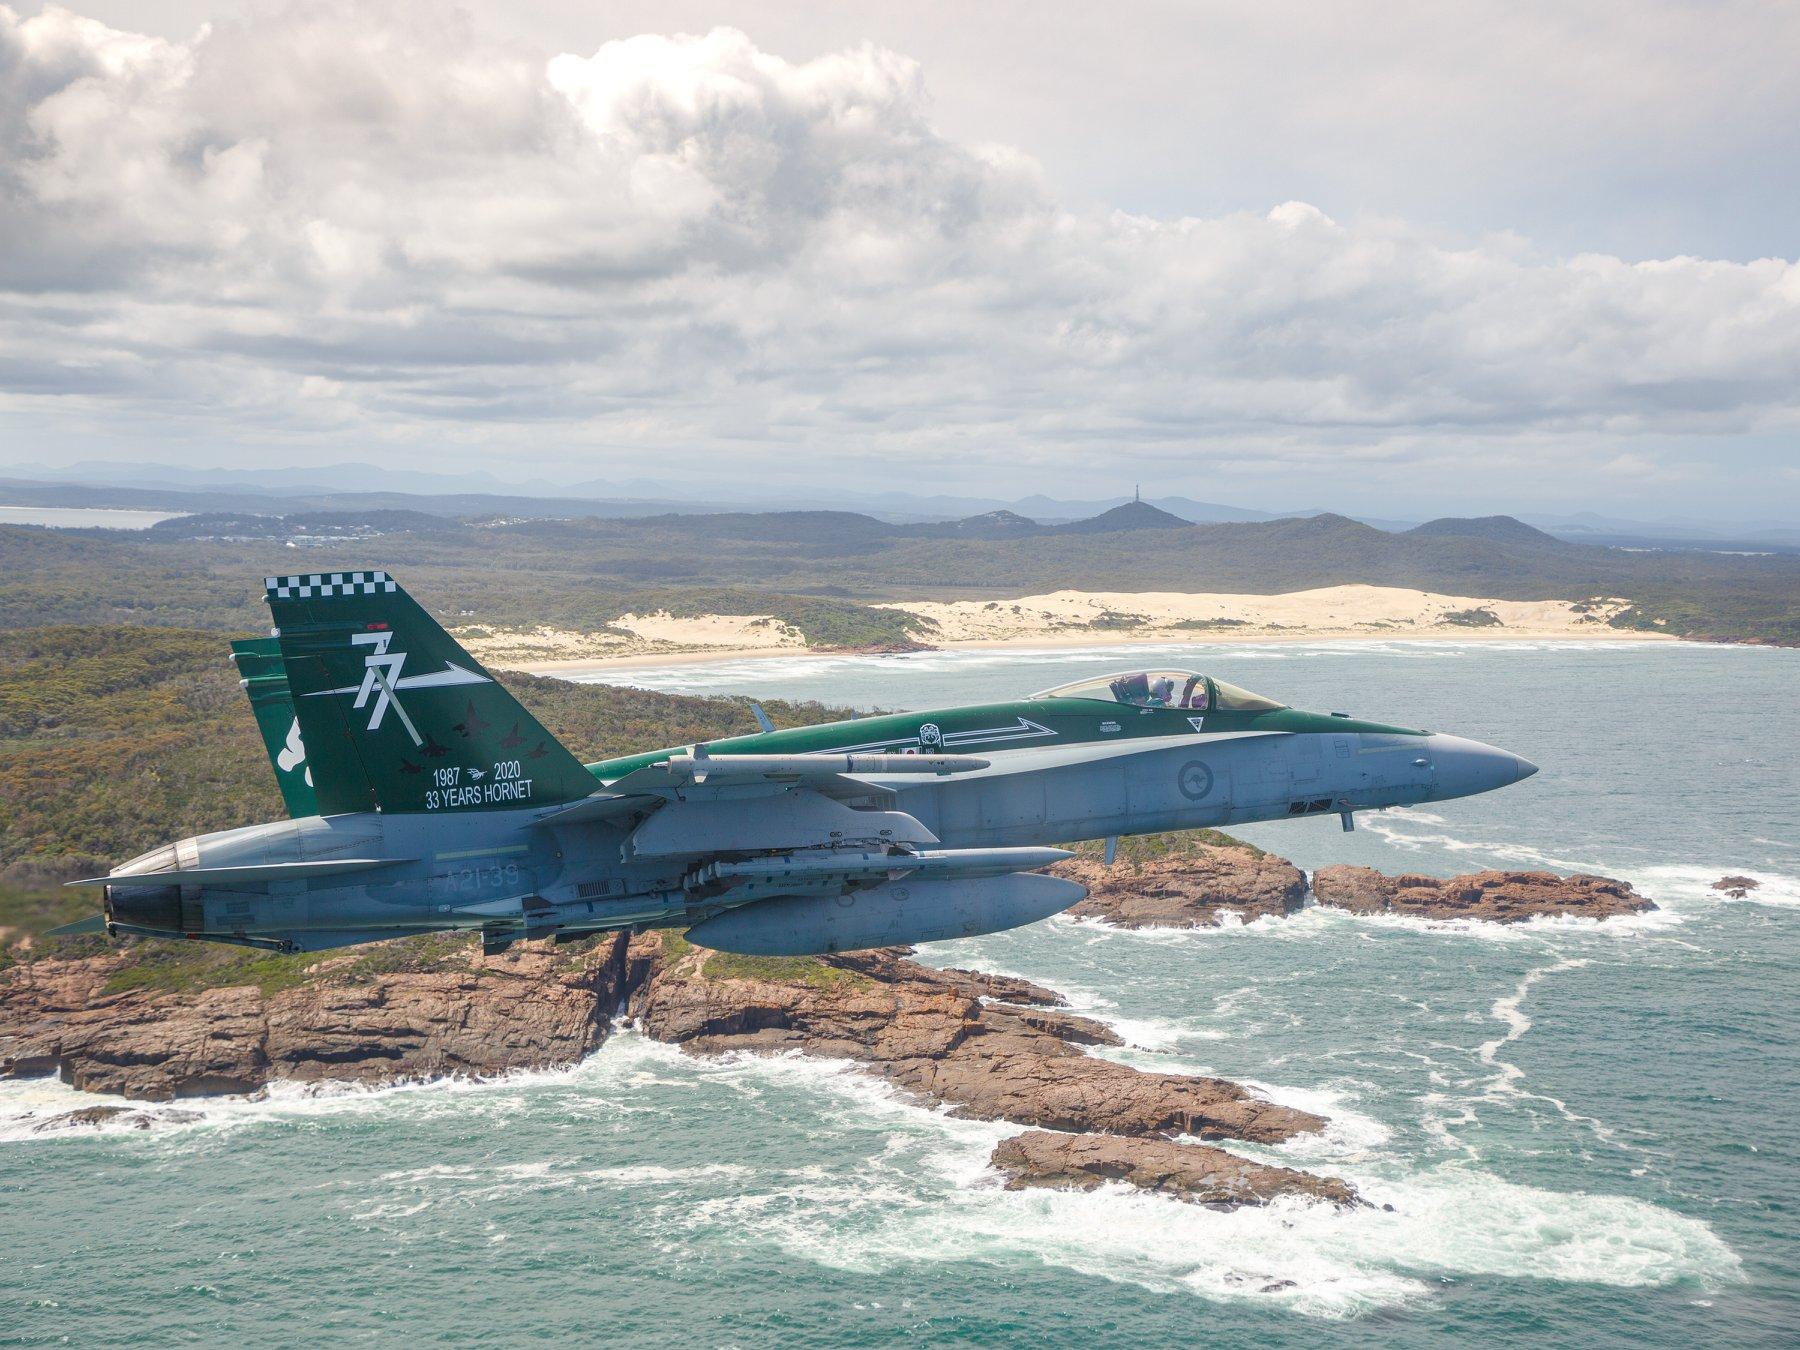 Royal Australian Air Force No. 77 Squadron Farewells F/A-18A/B Hornet